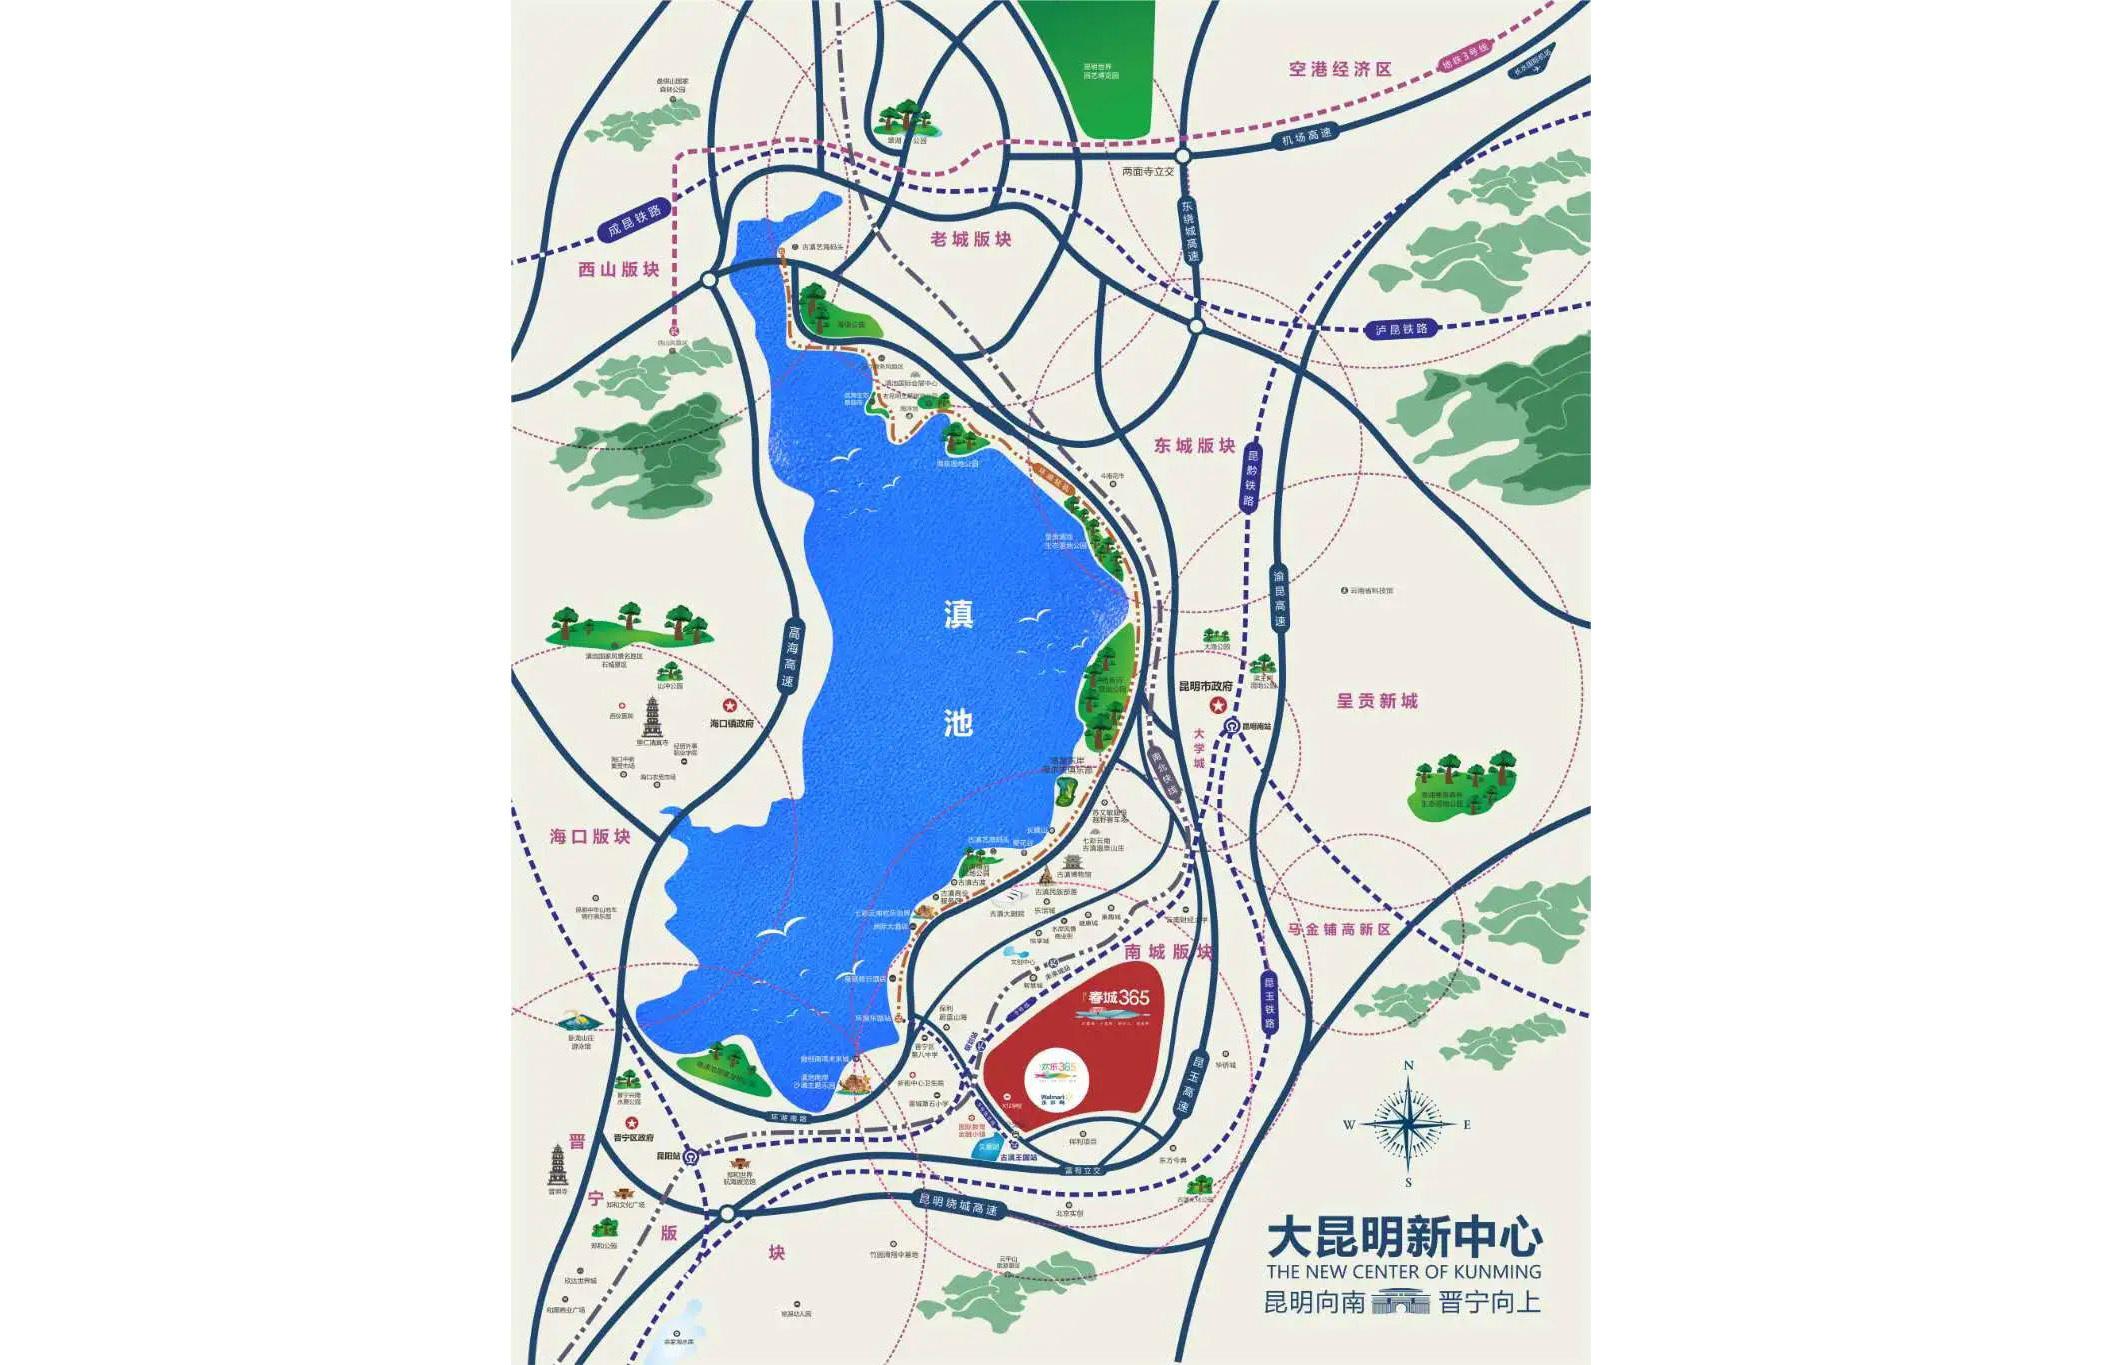 春城365区位图